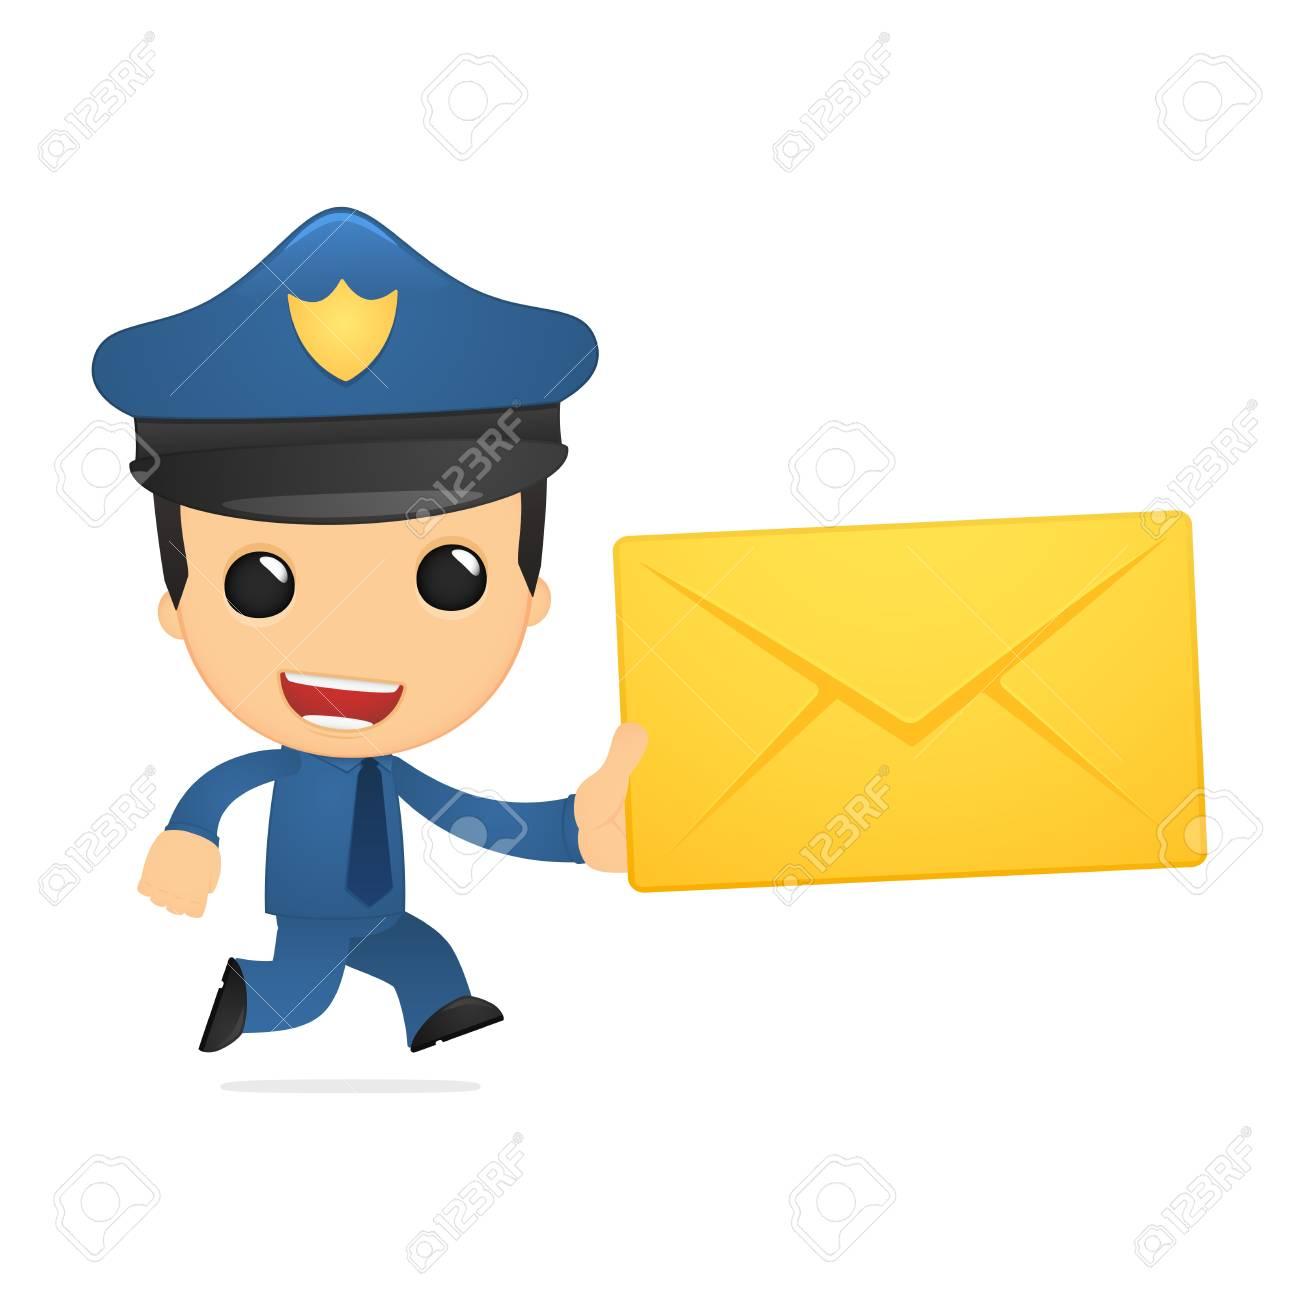 funny cartoon policeman Stock Vector - 13889942